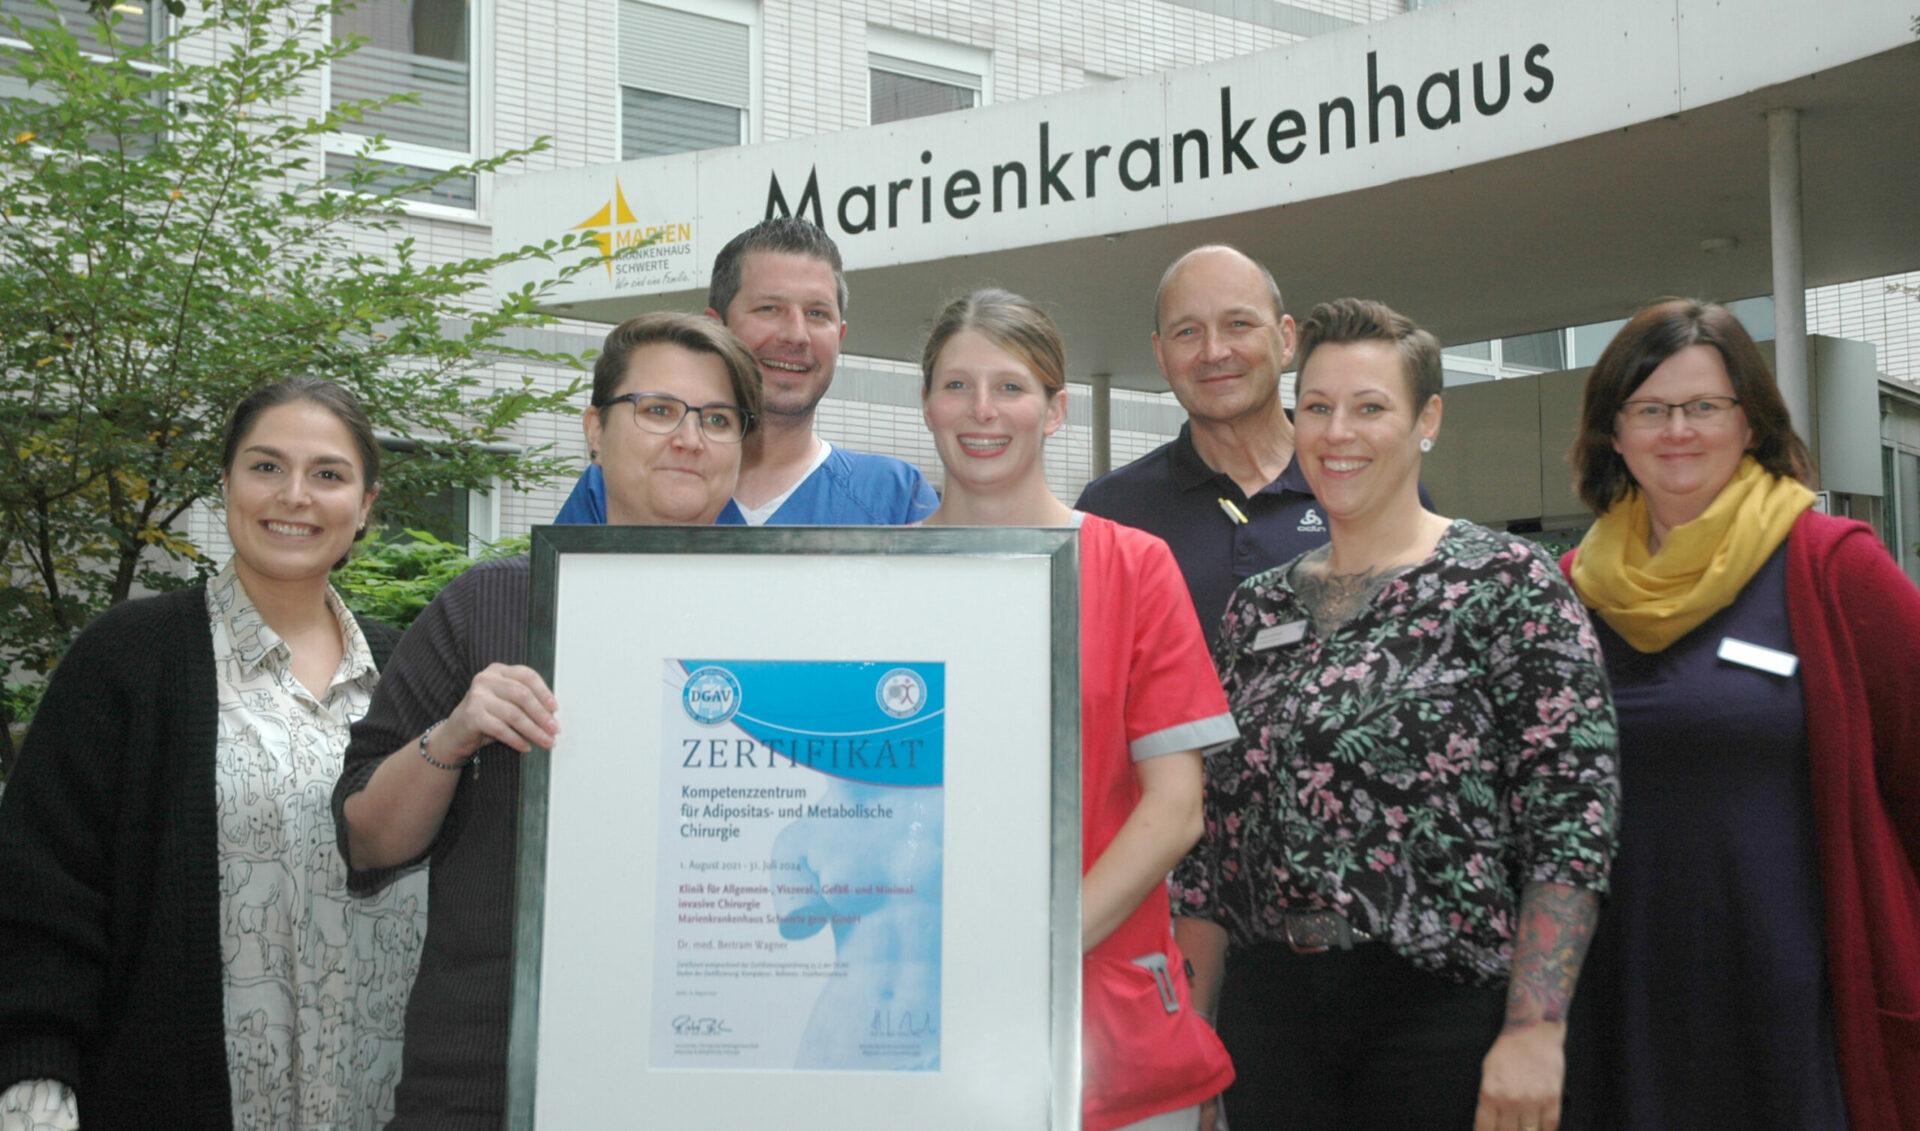 Urkunde bezeugt Qualität – Adipositaszentrum ist als Kompetenzzentrum für bariatrische und metabolische Chirurgie zertifiziert